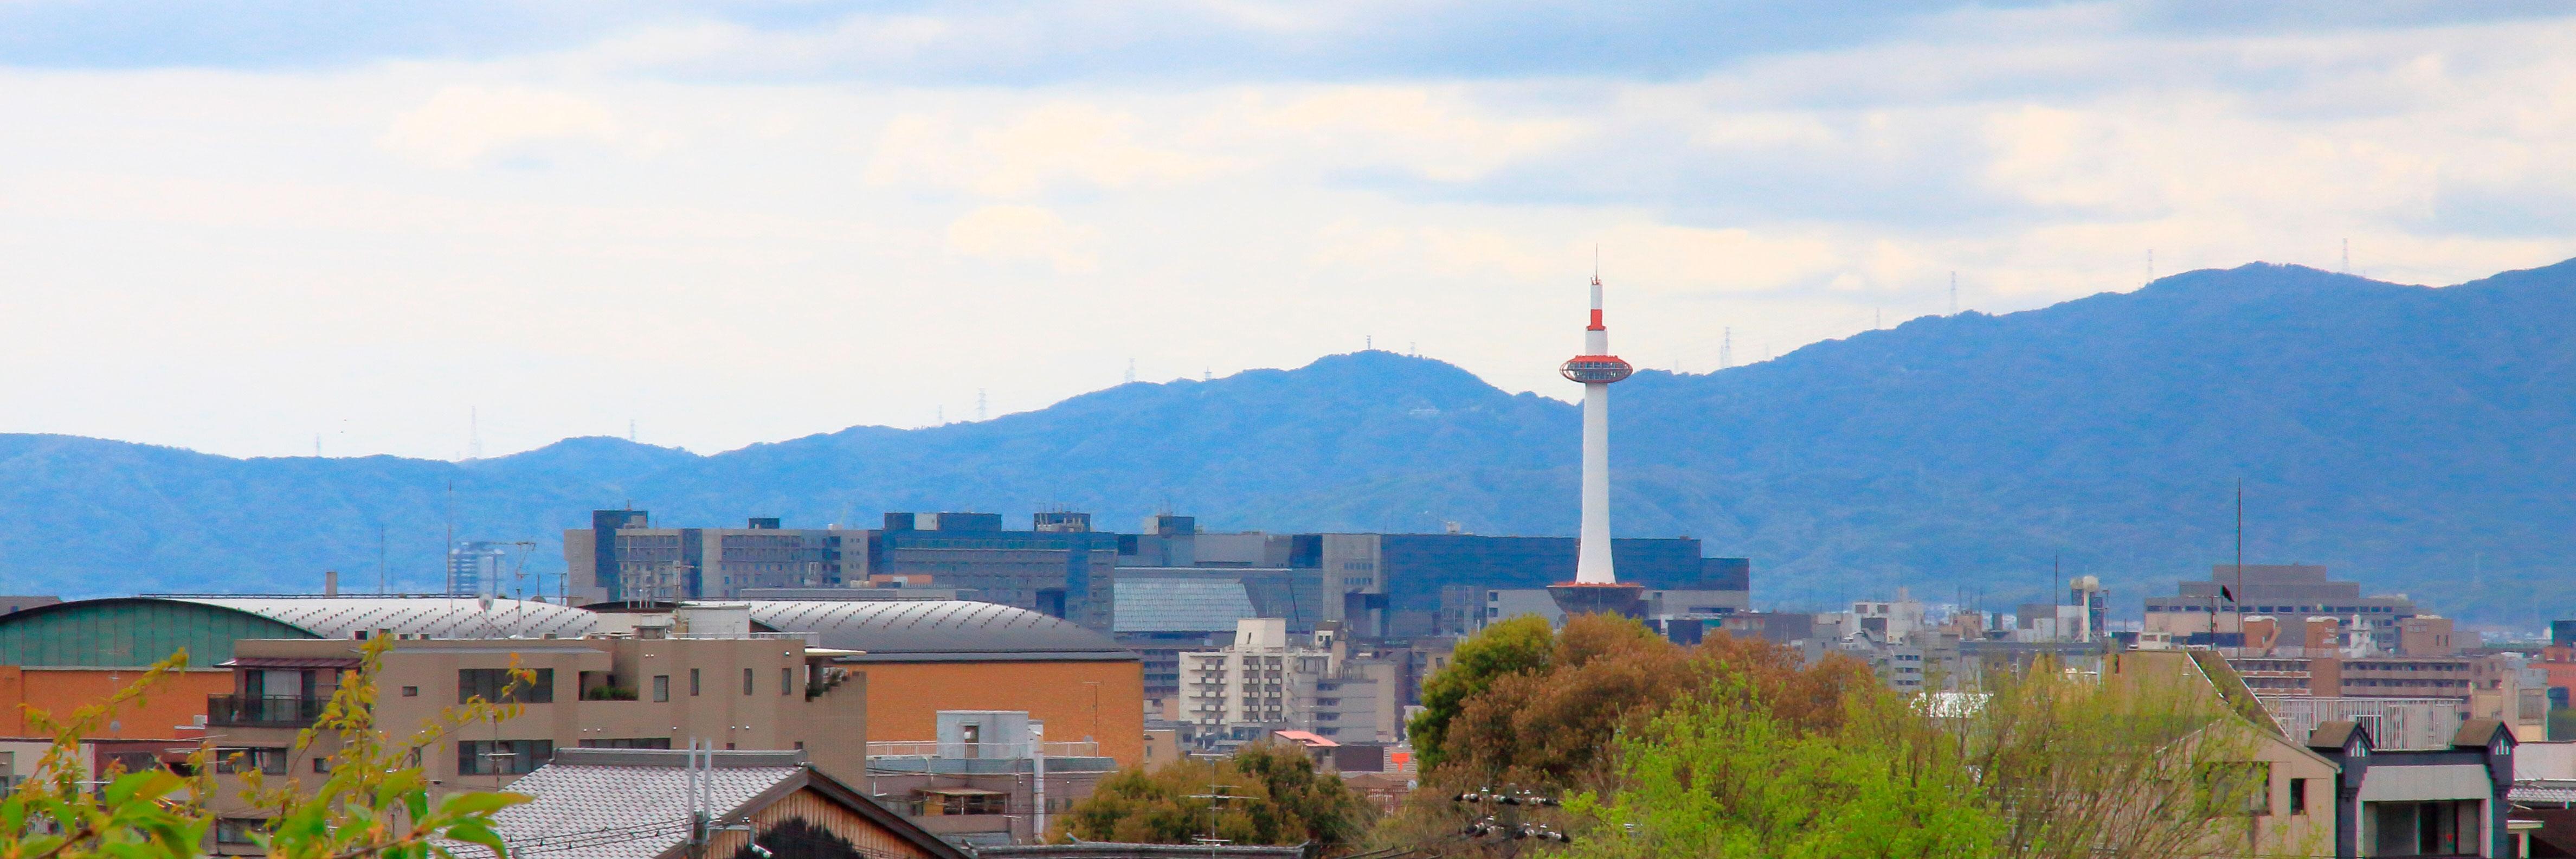 京都は世界一美しいまち京都かんきょうは力強く支えます。